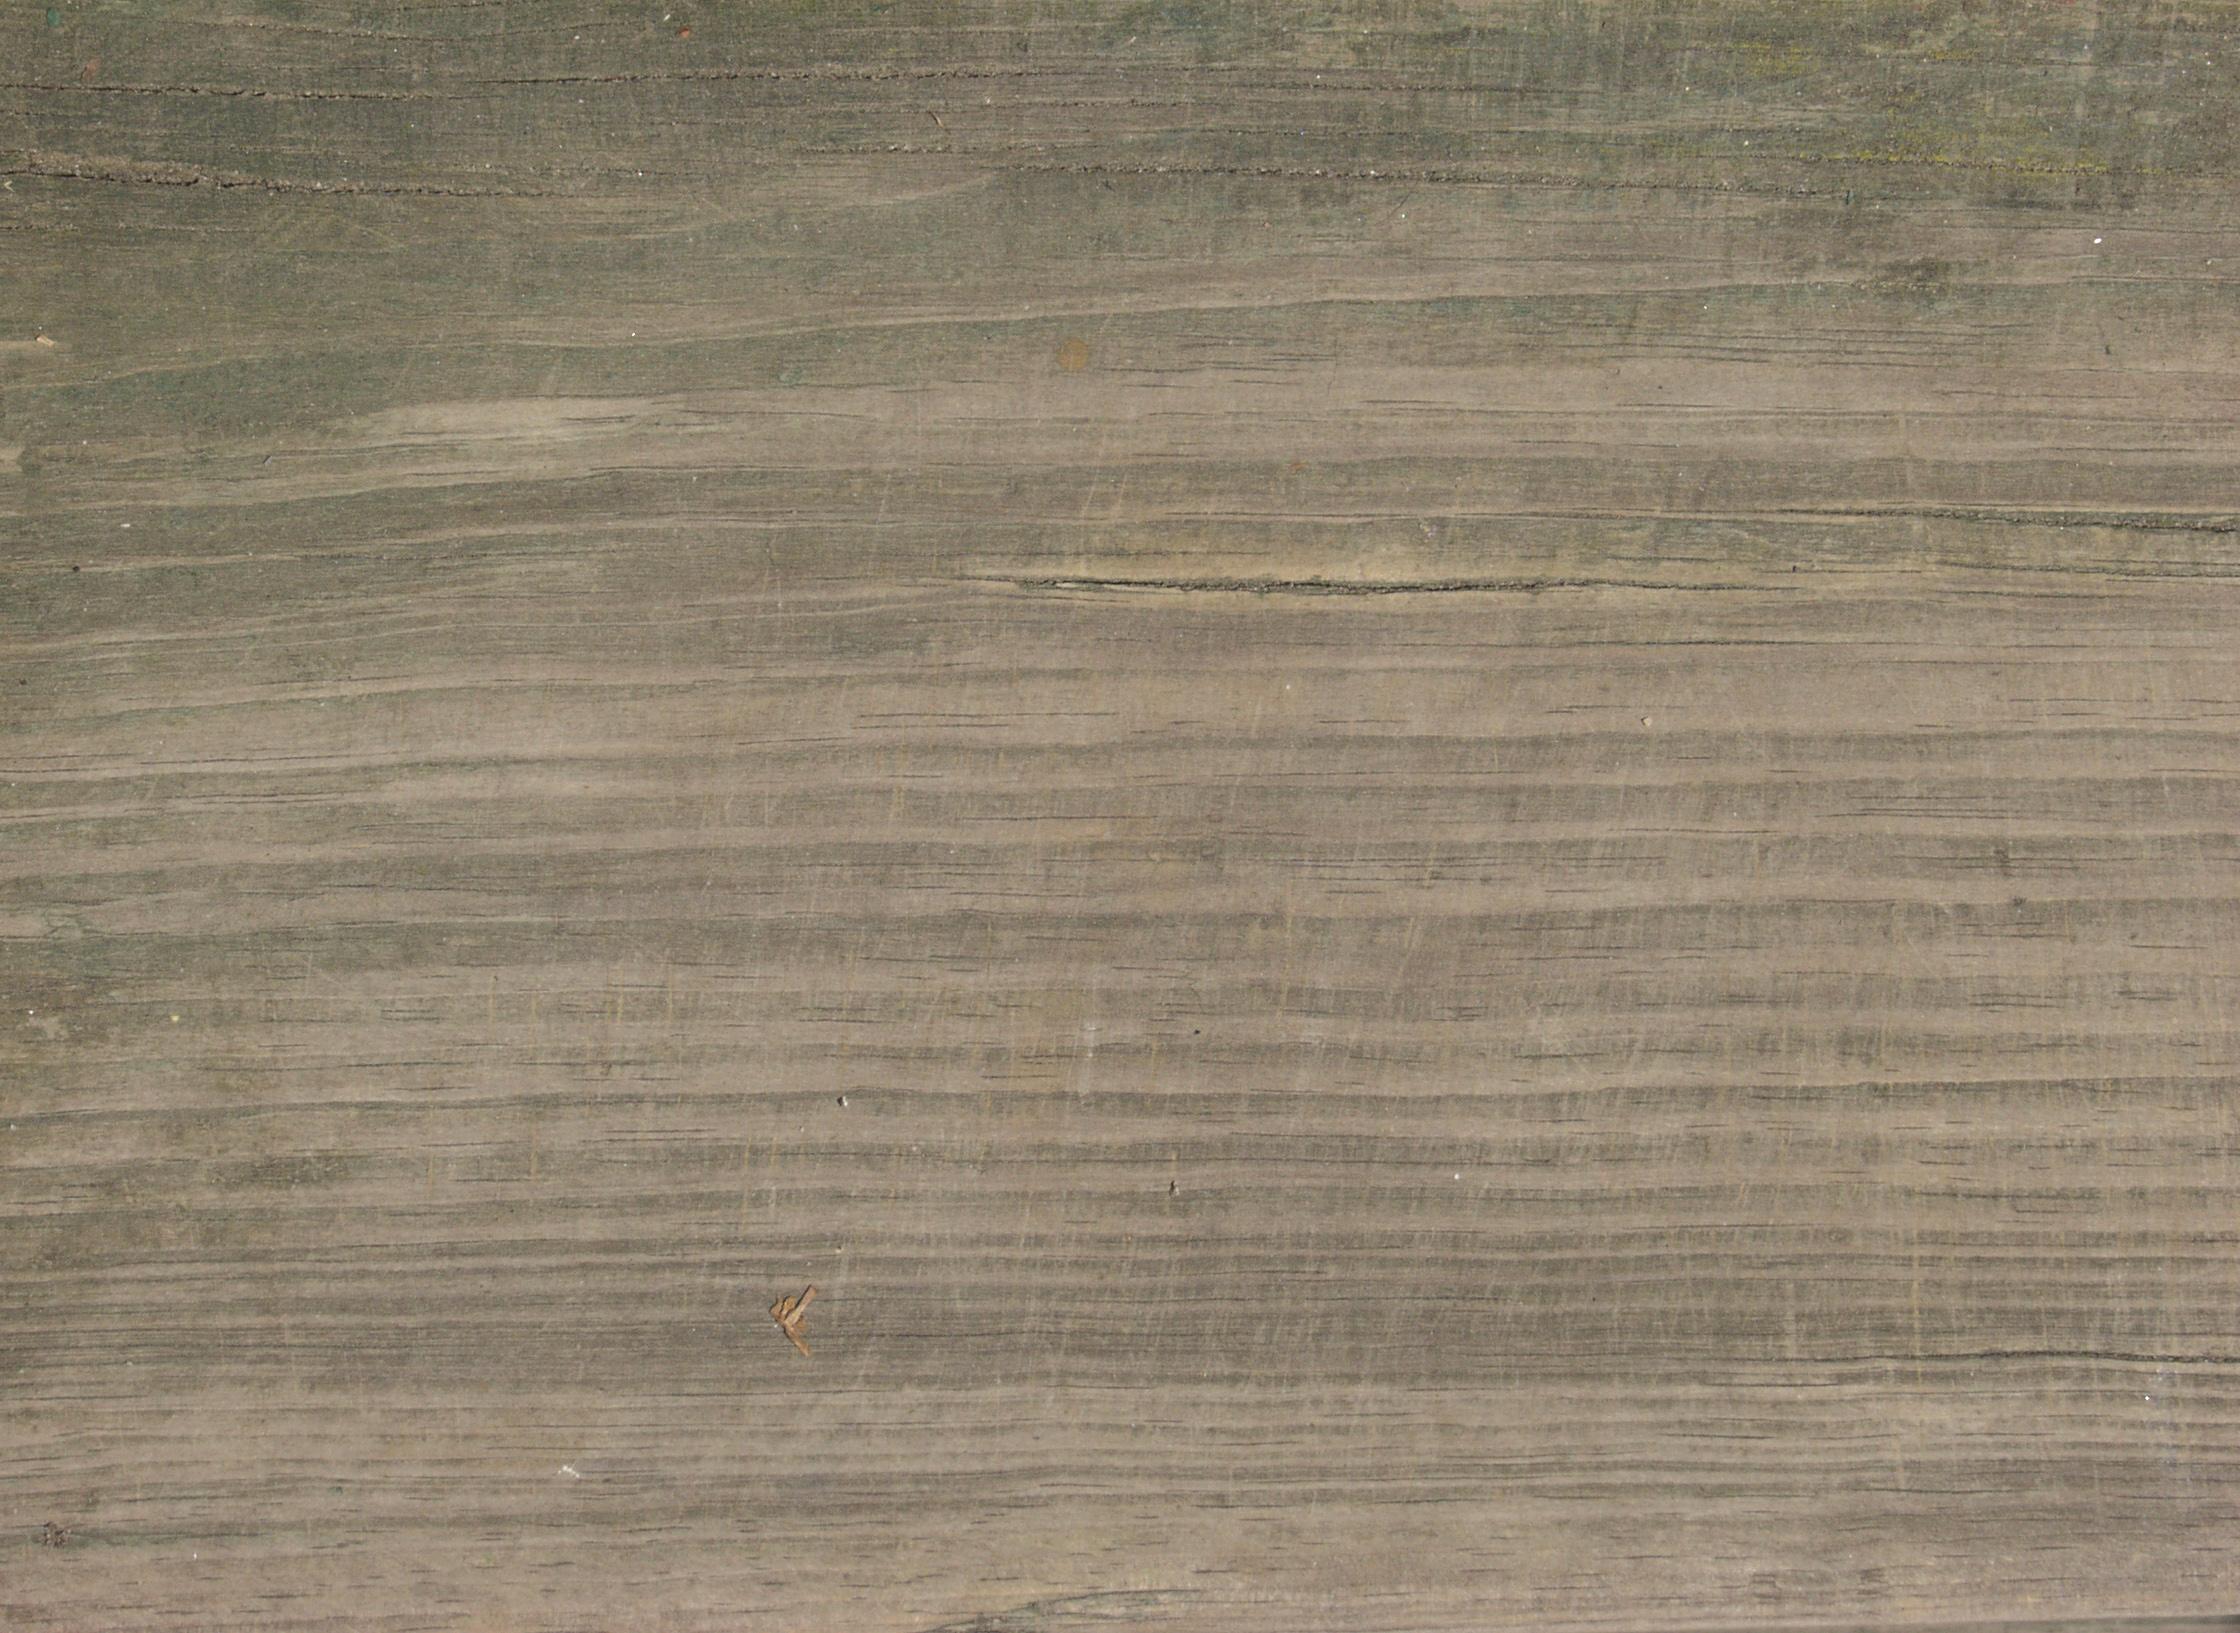 木材-残旧木(136)高清贴图【ID:737059872】